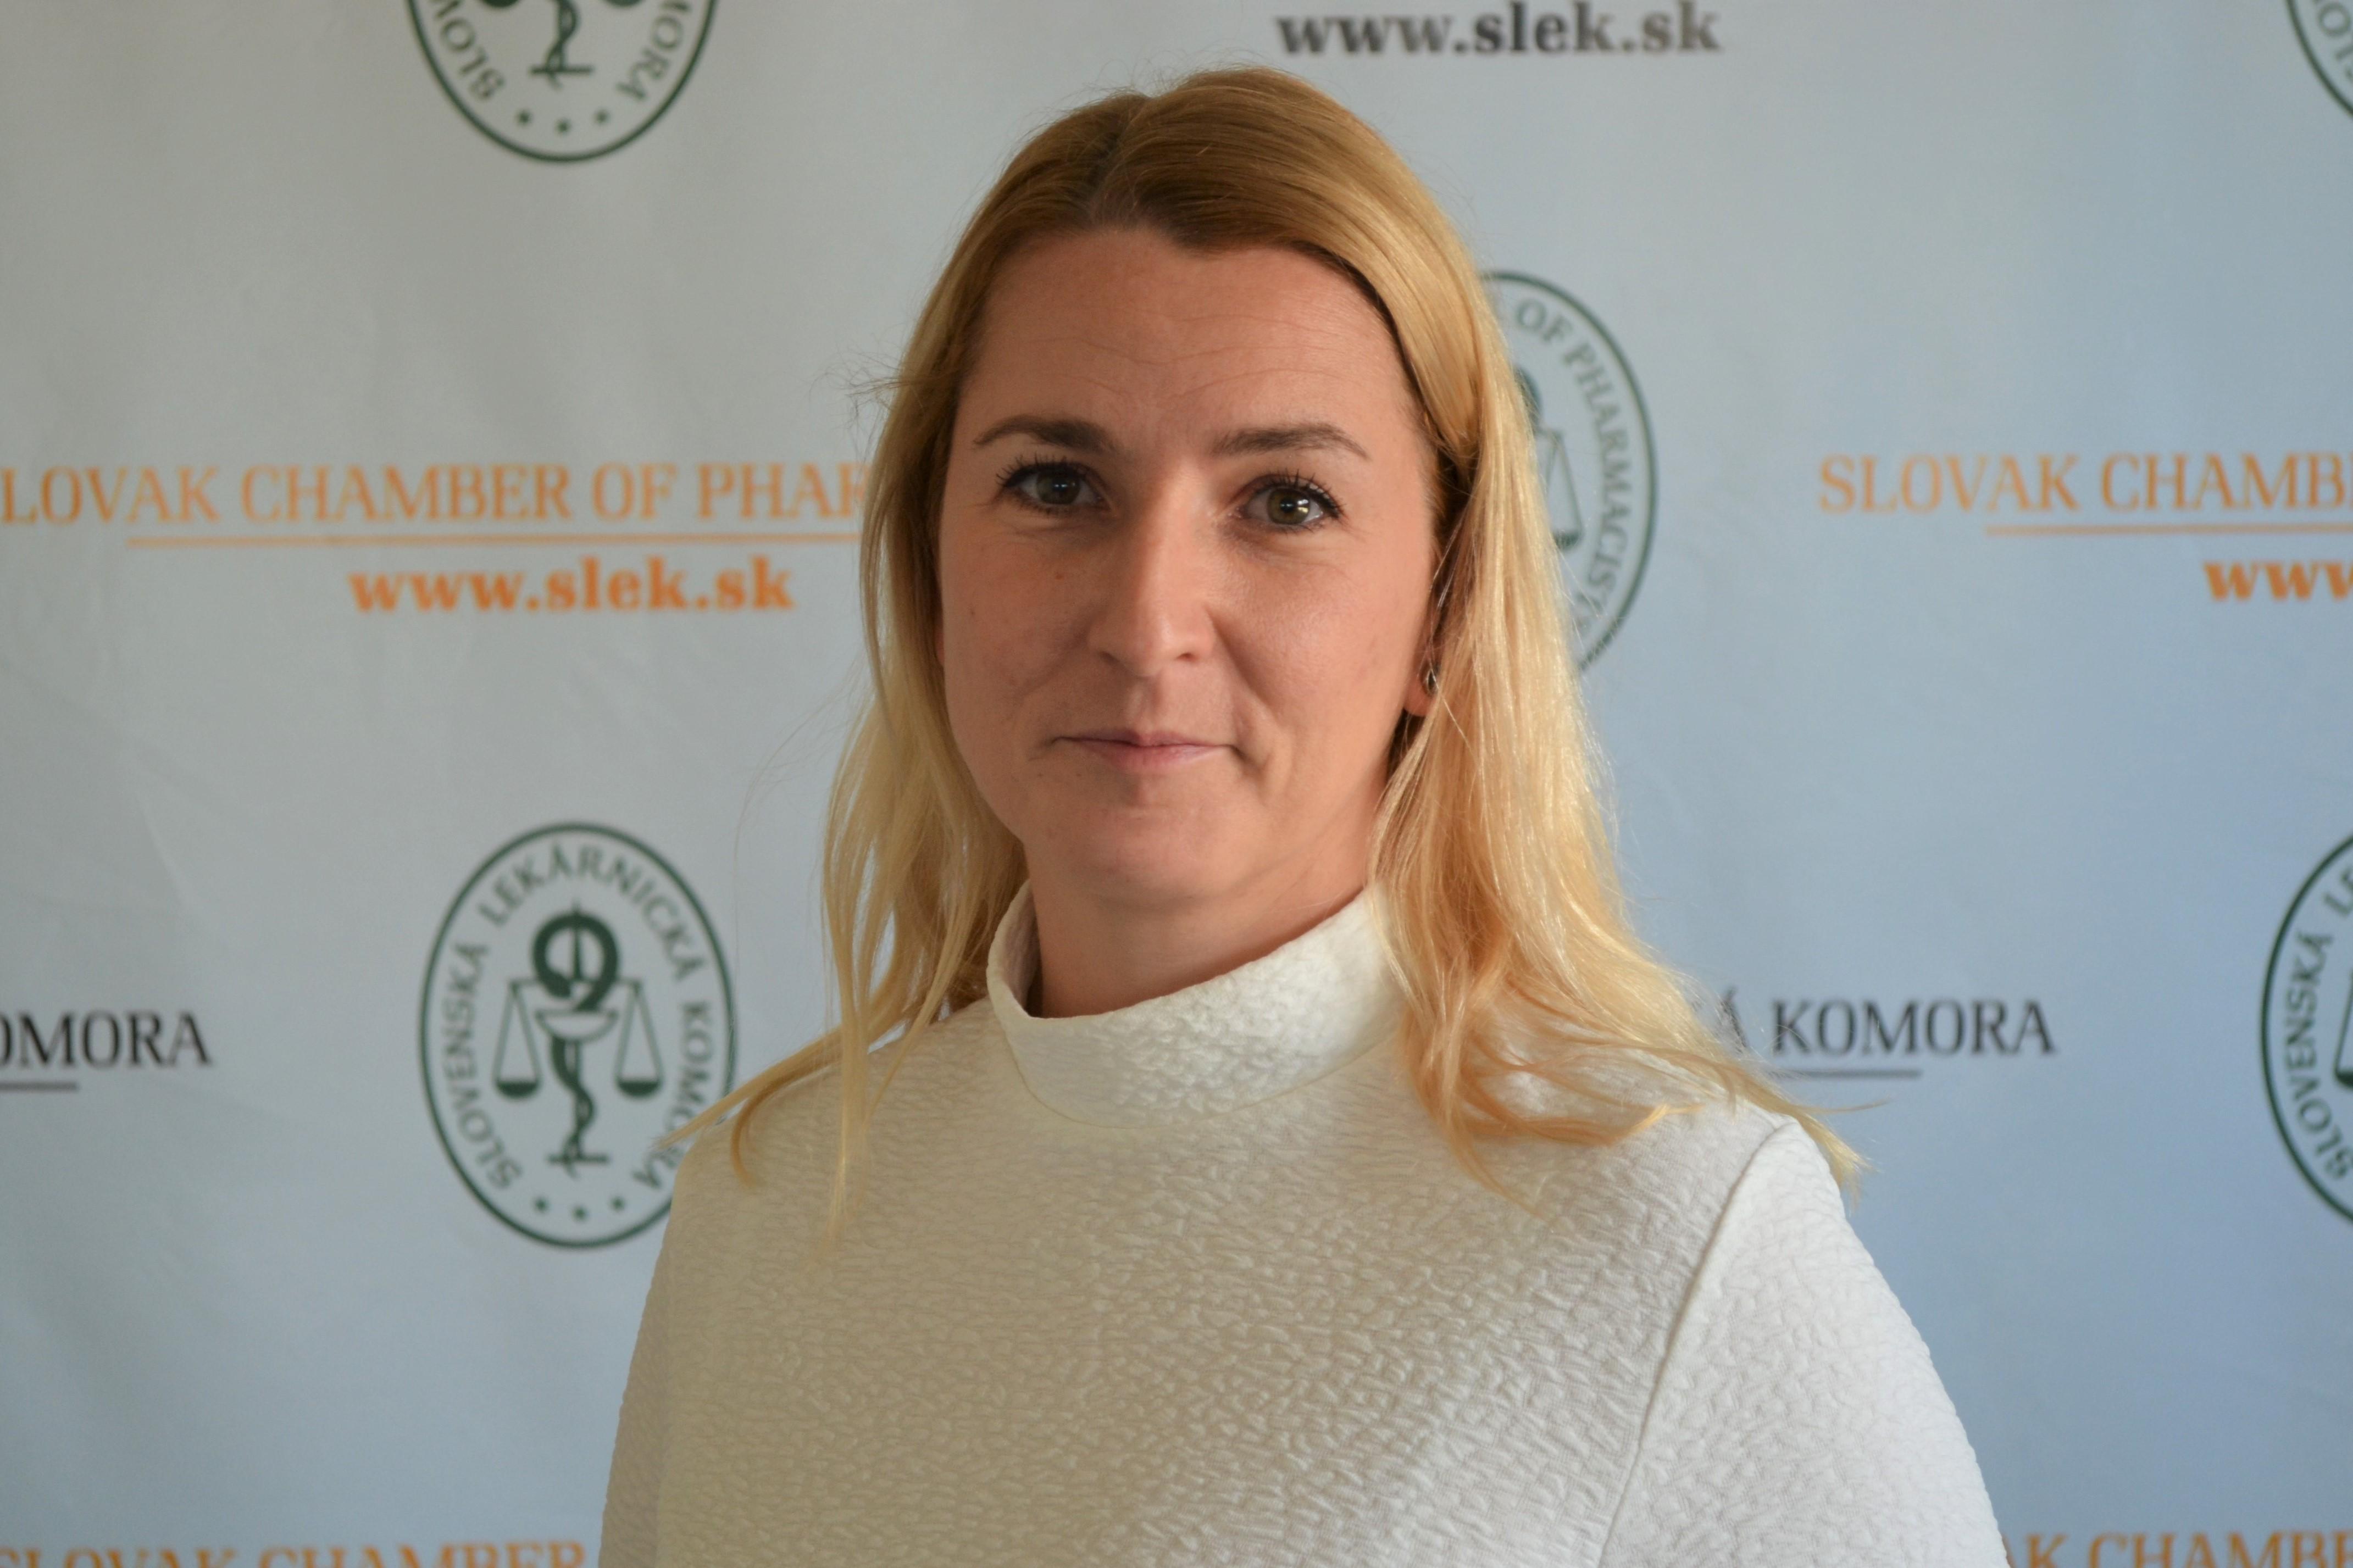 Oľga Antalicsová